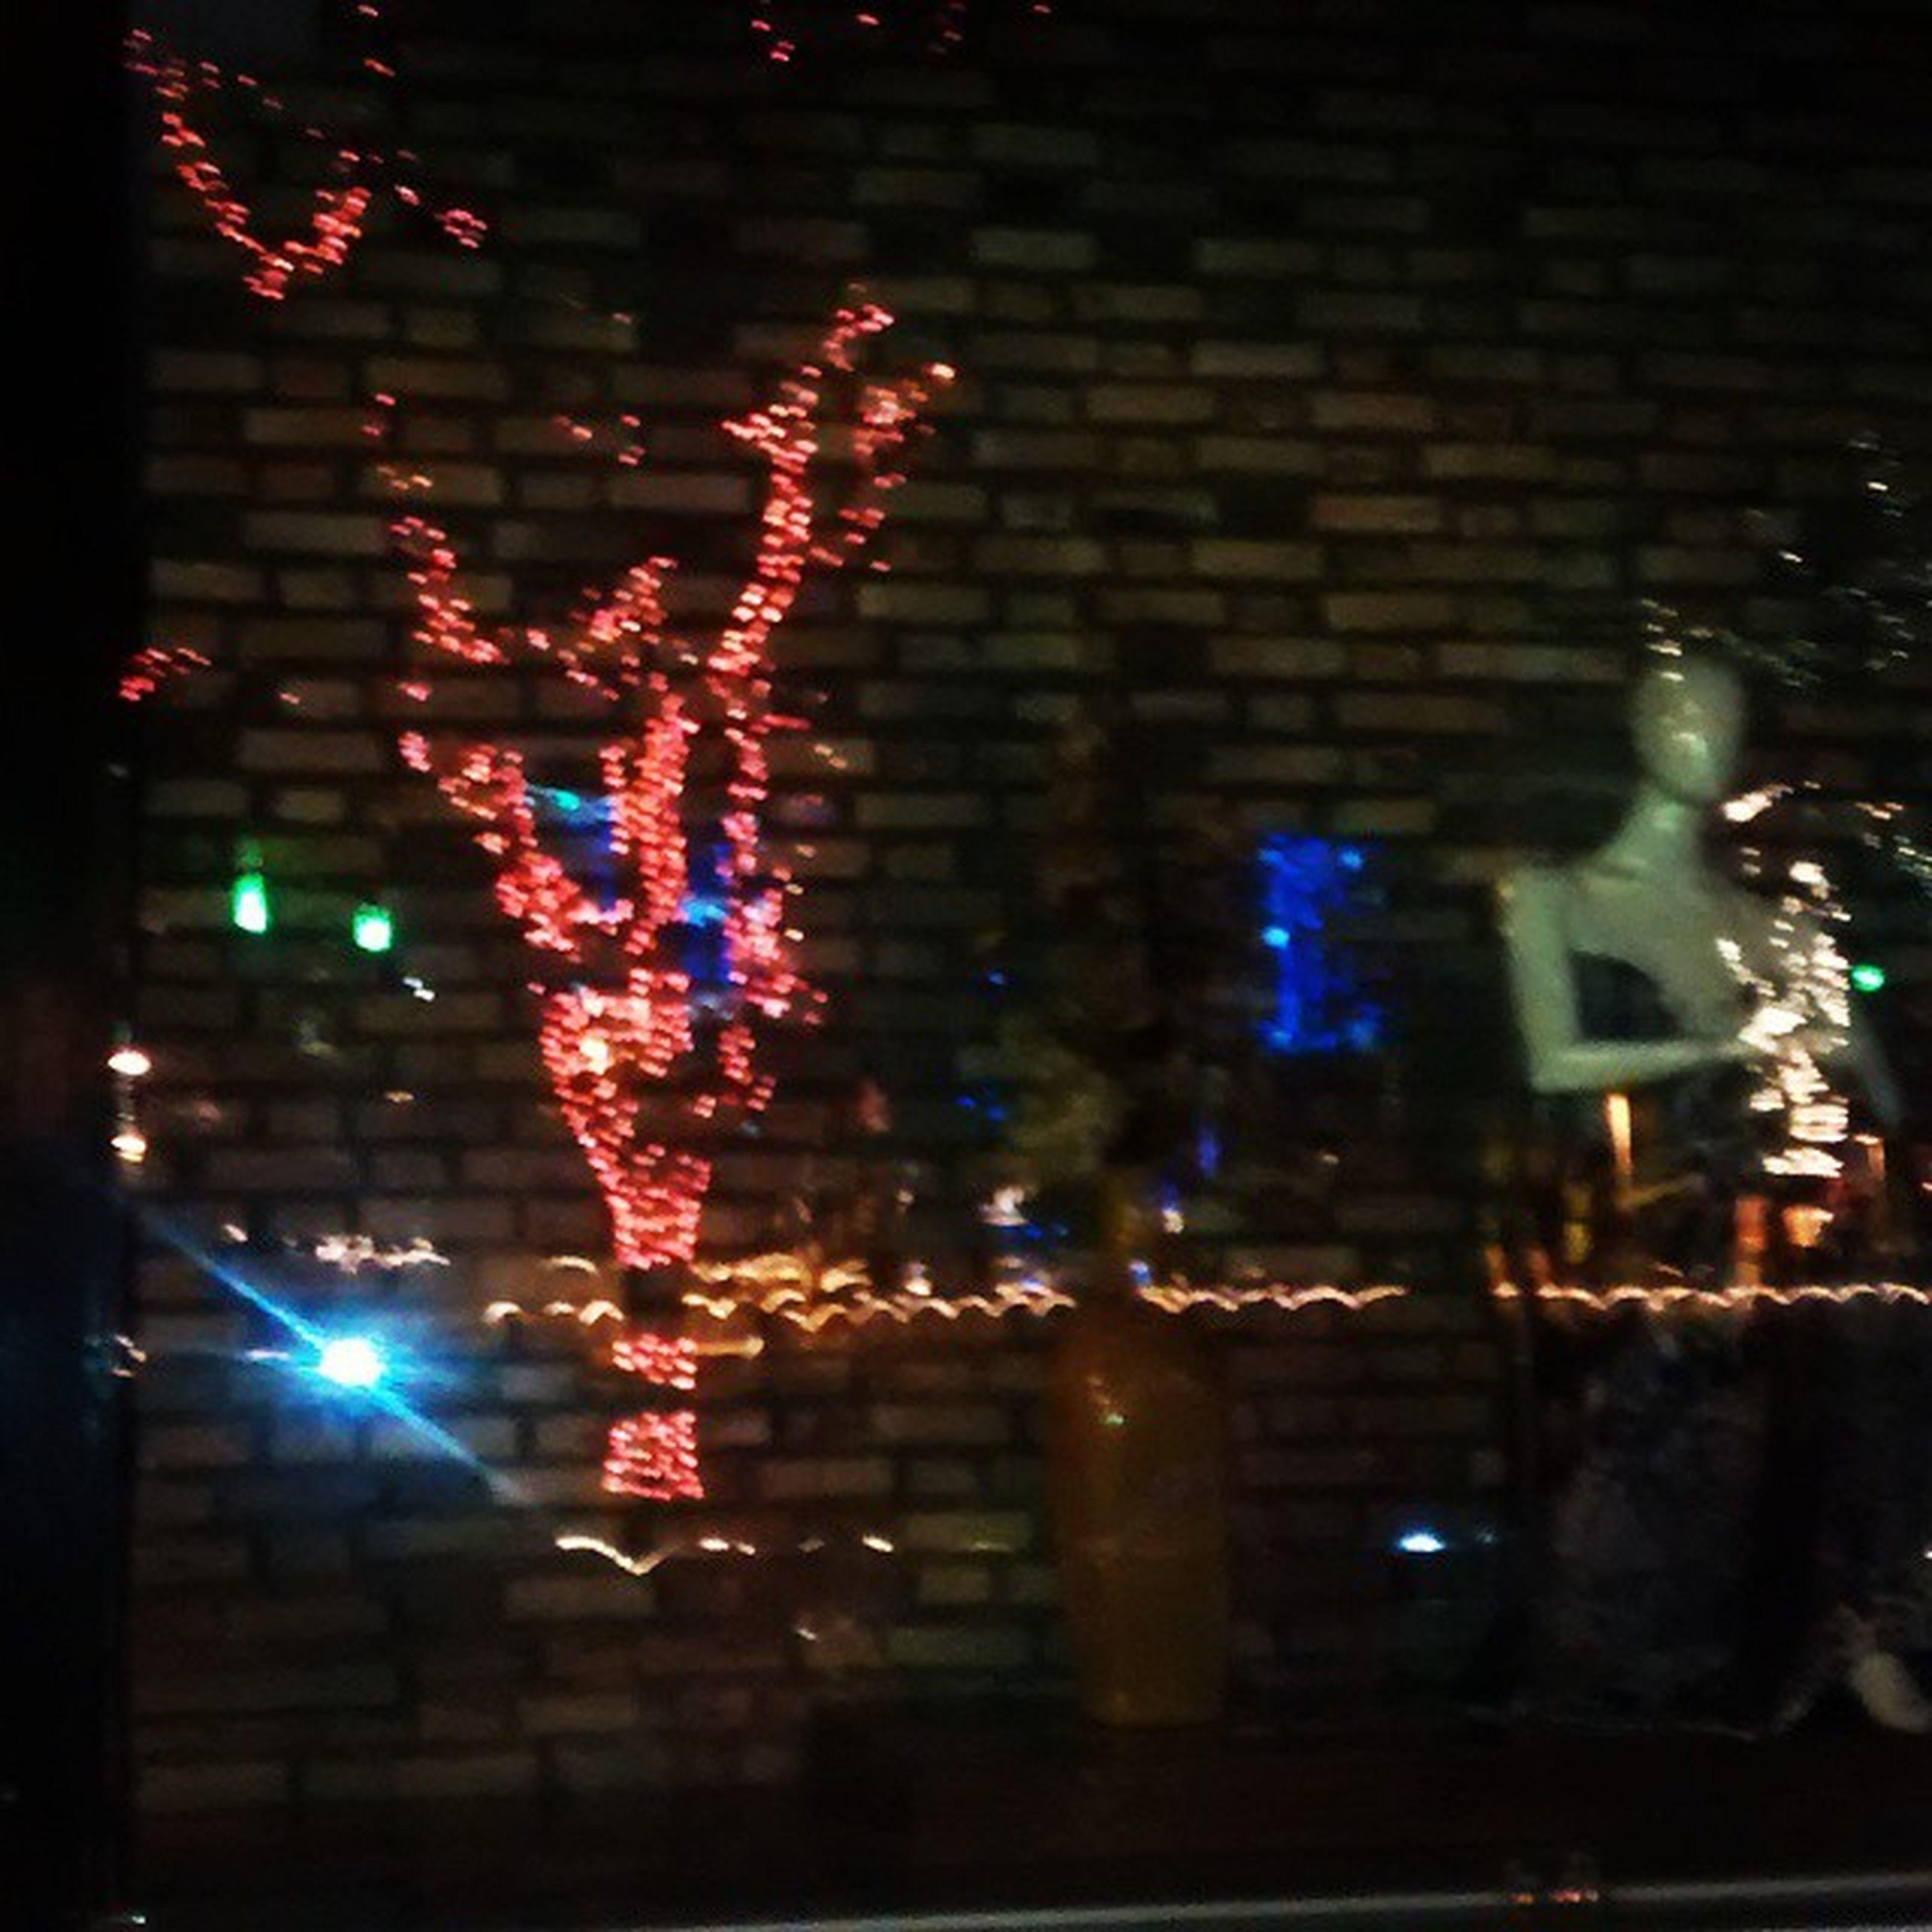 Reflexos luzes de Natal em uma vitrine... 🎆🎇🎅🎄🎅 Achei D+ Praça  Tranquedoneves Instalight Legal Viva_o_natal Perfect Instaplus Fim_D_ano_chegando Ano_novo 👏👏👏👏👏👏👏👏👏👏👏👏